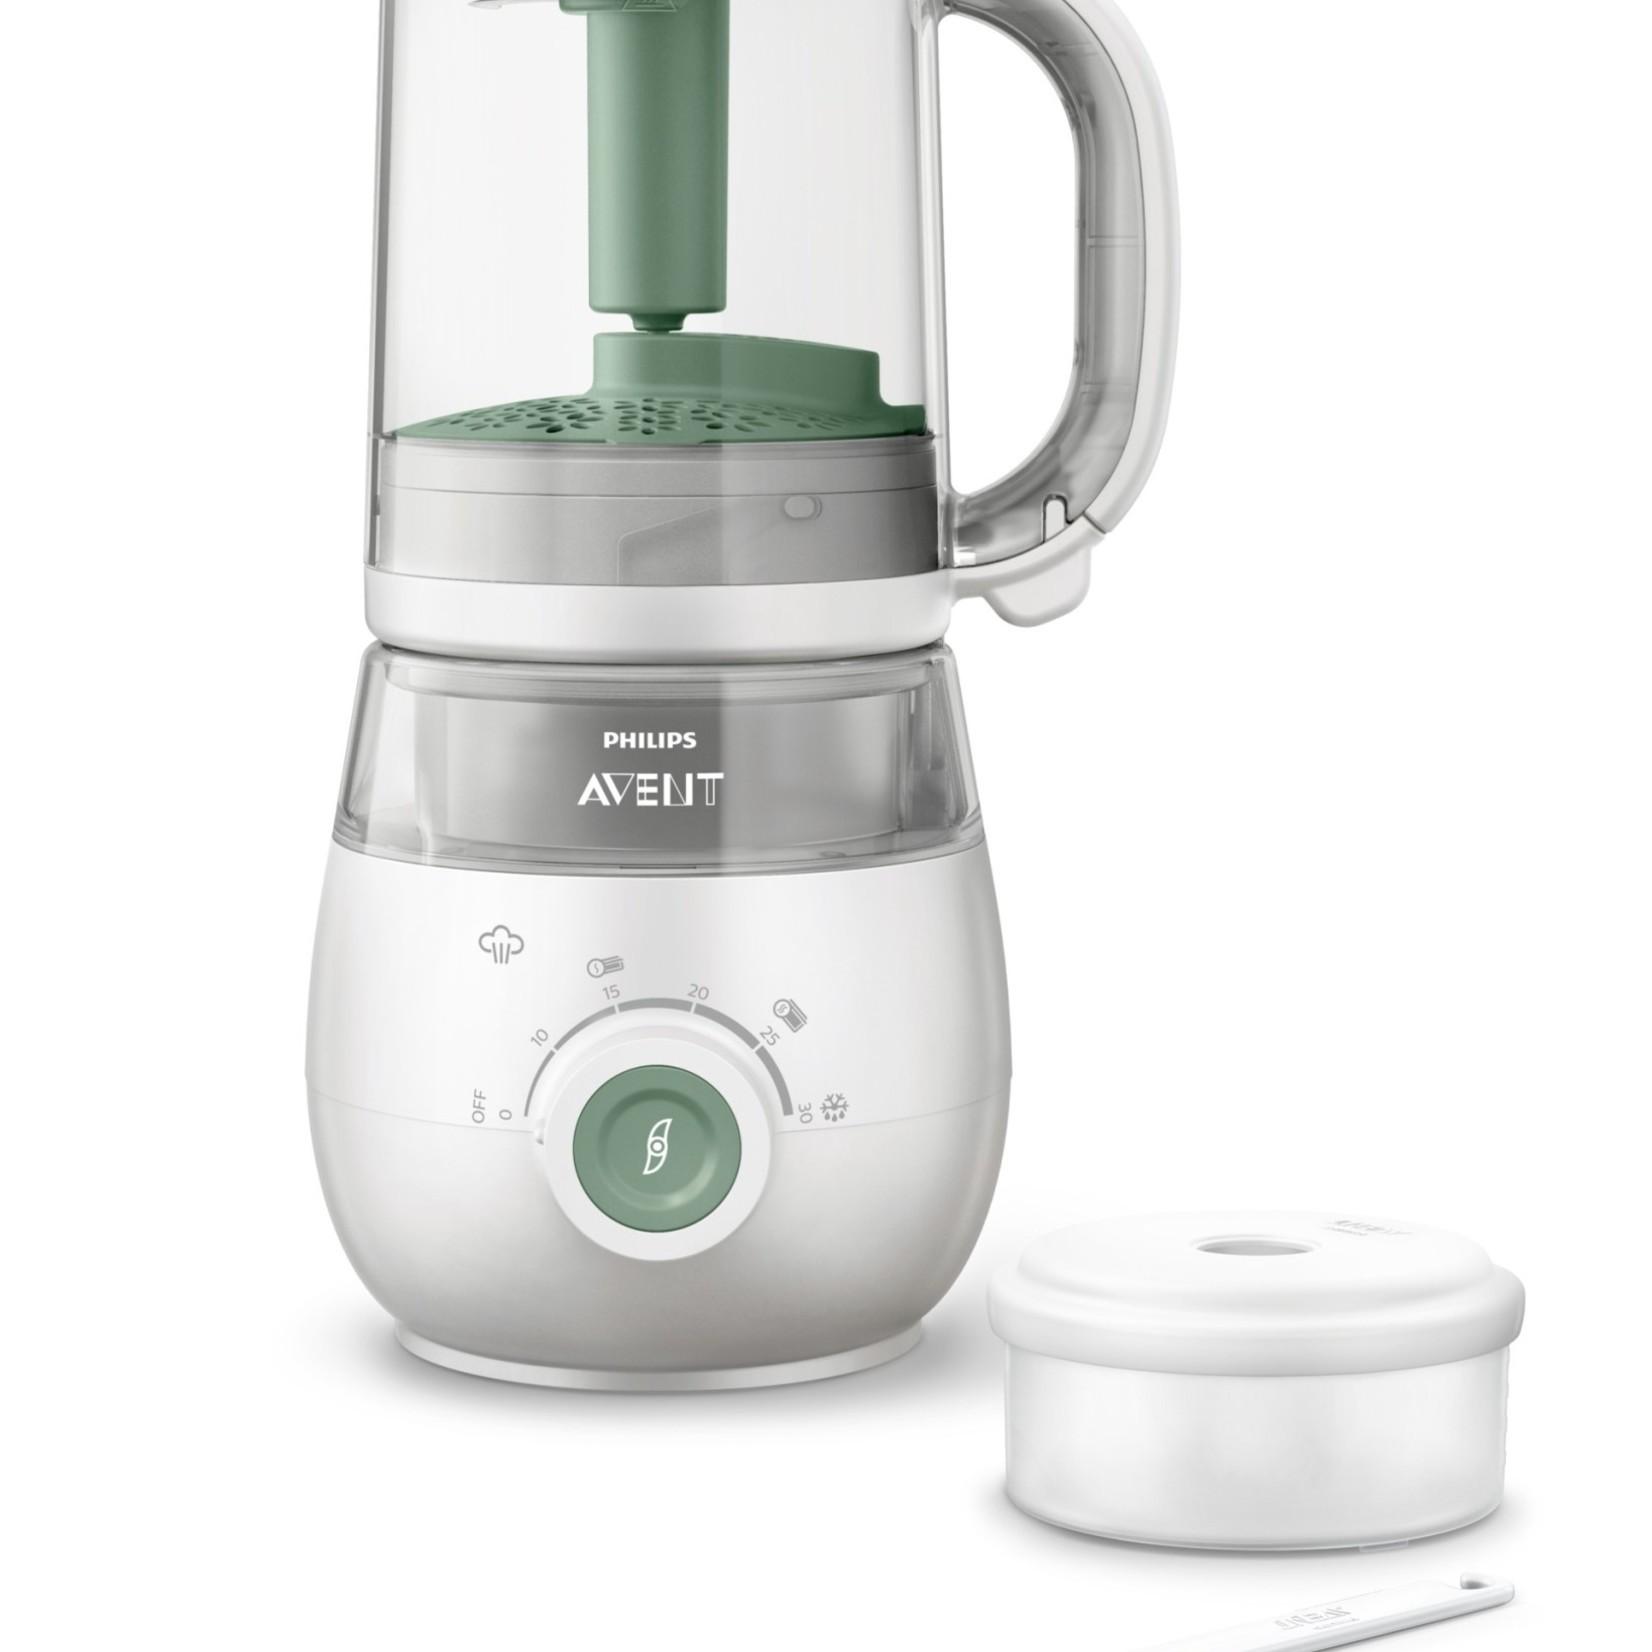 Philips-Avent Steamer/Blender 4-in-1 groen